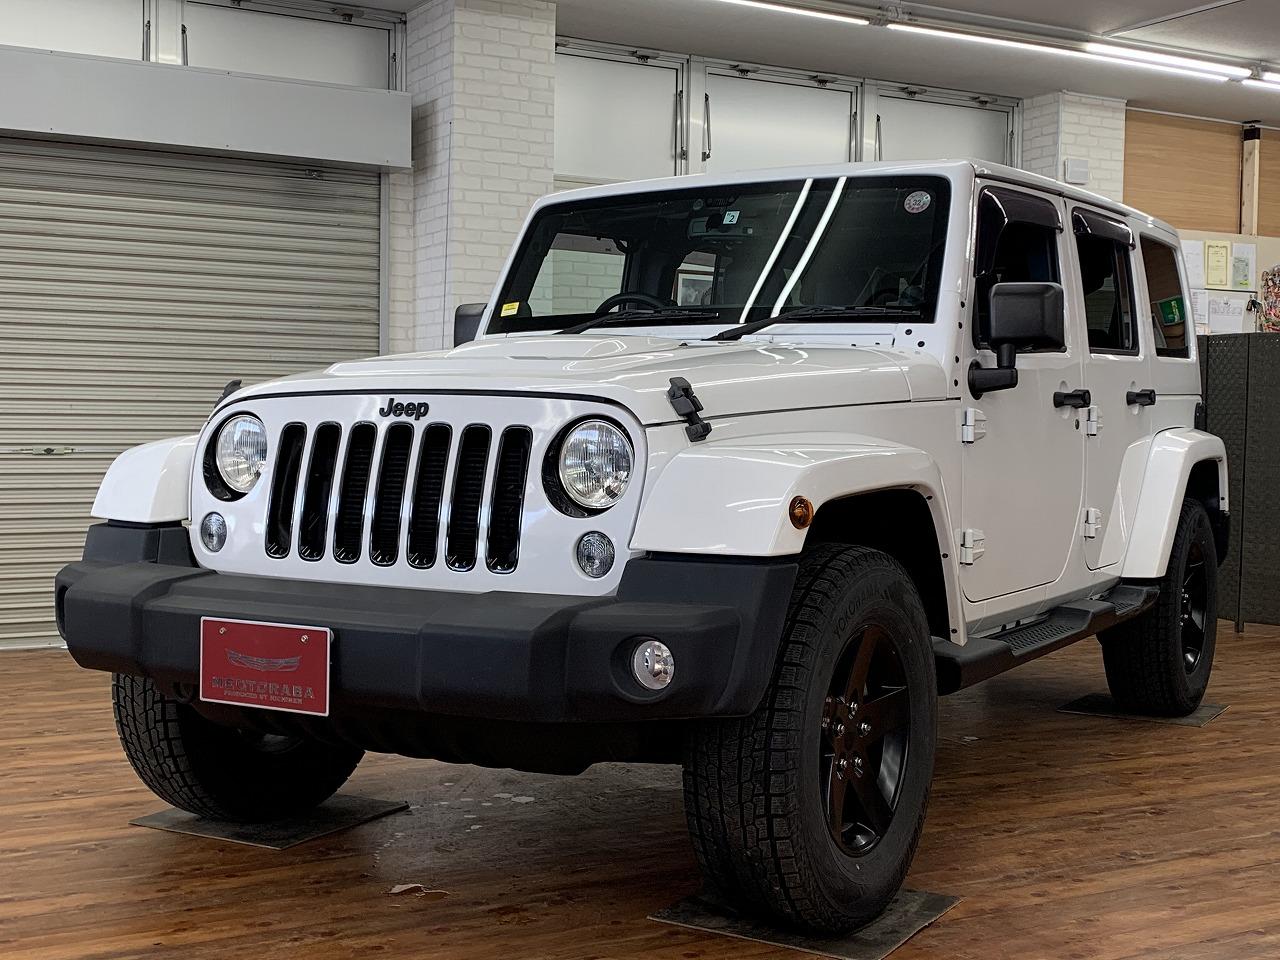 JEEP ラングラーアンリミテッド ポーラーエディション 4WD